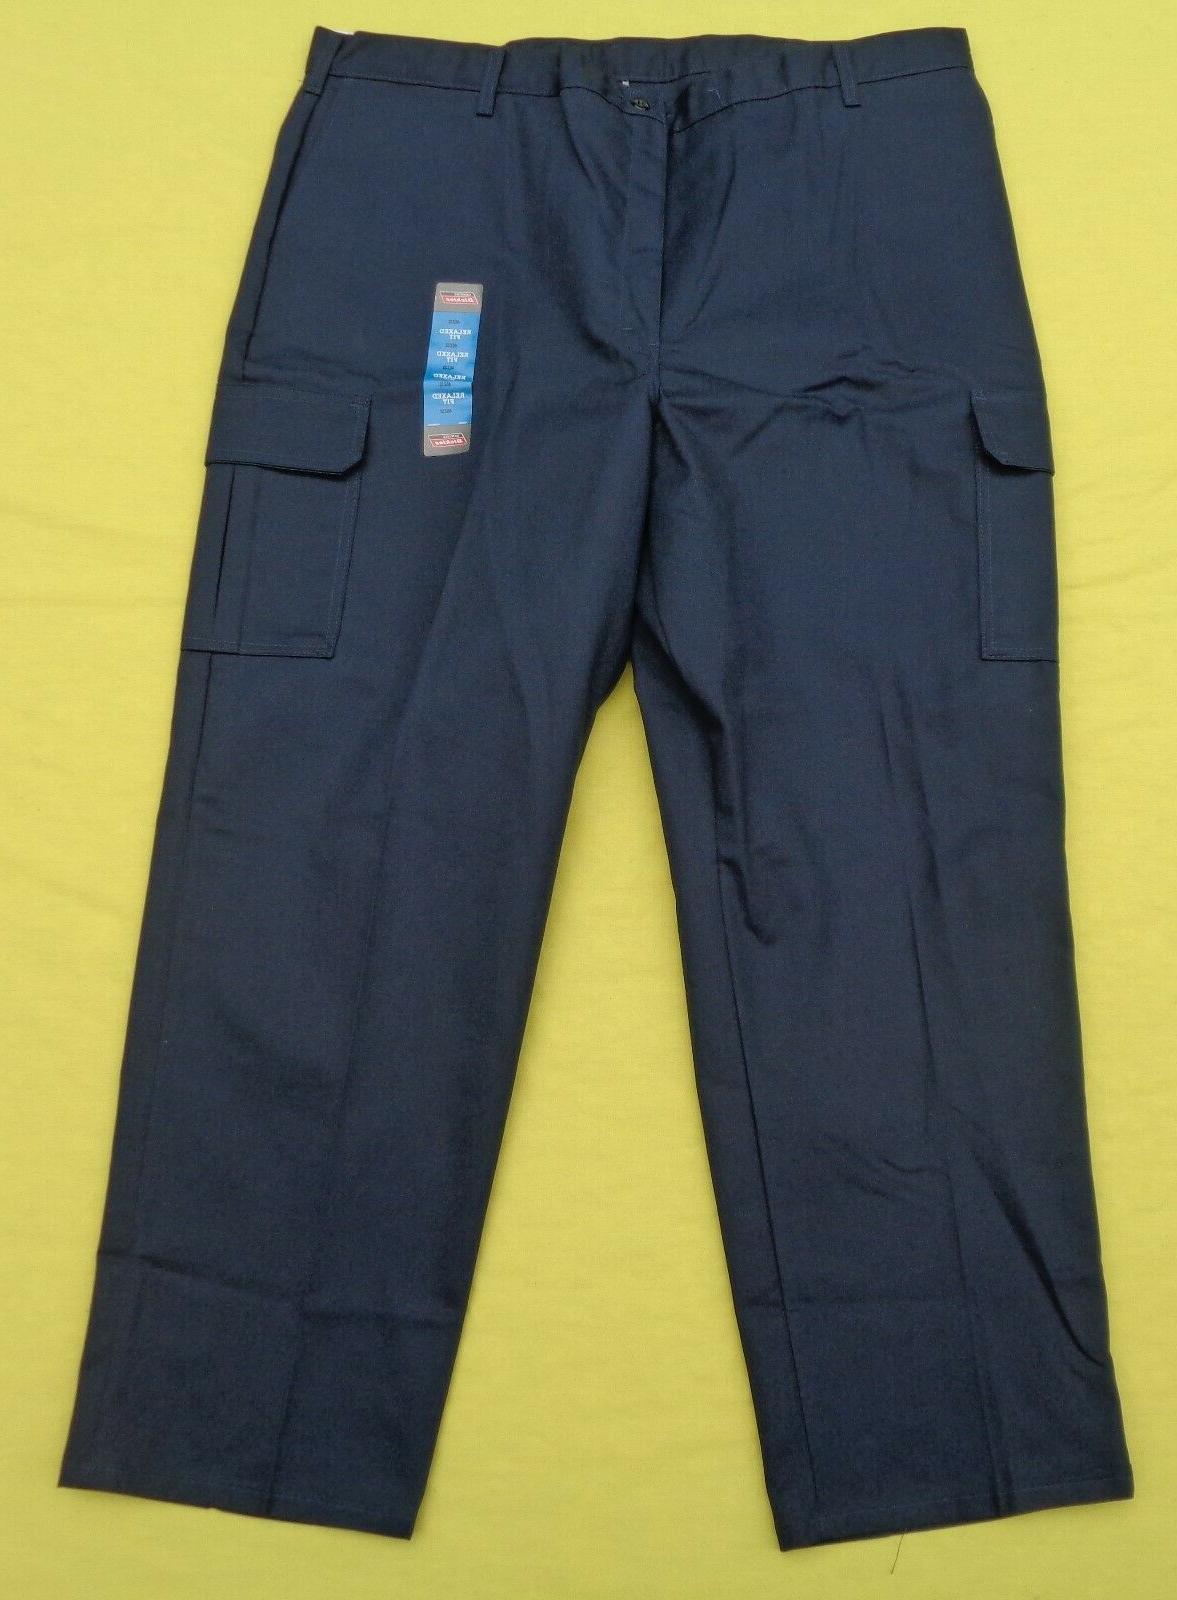 DICKIES HN41 Pants Navy Fit x 32 NWT